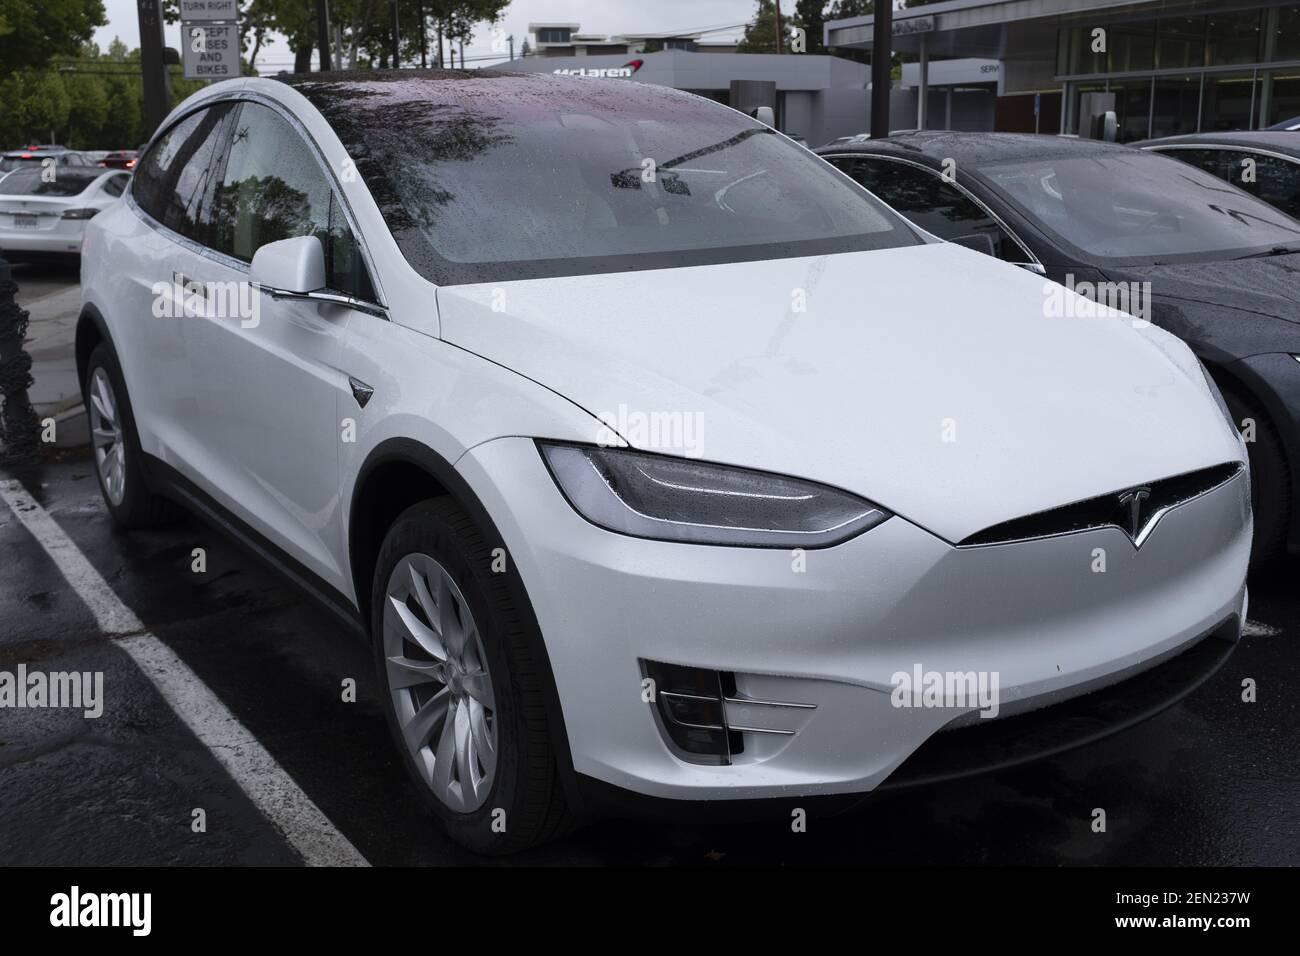 Un SUV Tesla Model X viene presentato in uno showroom a Palo Alto, California, Stati Uniti il 21 maggio 2019. Tesla annuncia che sta riducendo il SUV Model X per 2,000 dollari dopo aver sollevato preoccupazioni circa l'affievolimento dell'interesse per le sue auto e aver perso finora il 38% nel mercato azionario di quest'anno. (Foto di Yichuan Cao/Sipa USA) Foto Stock